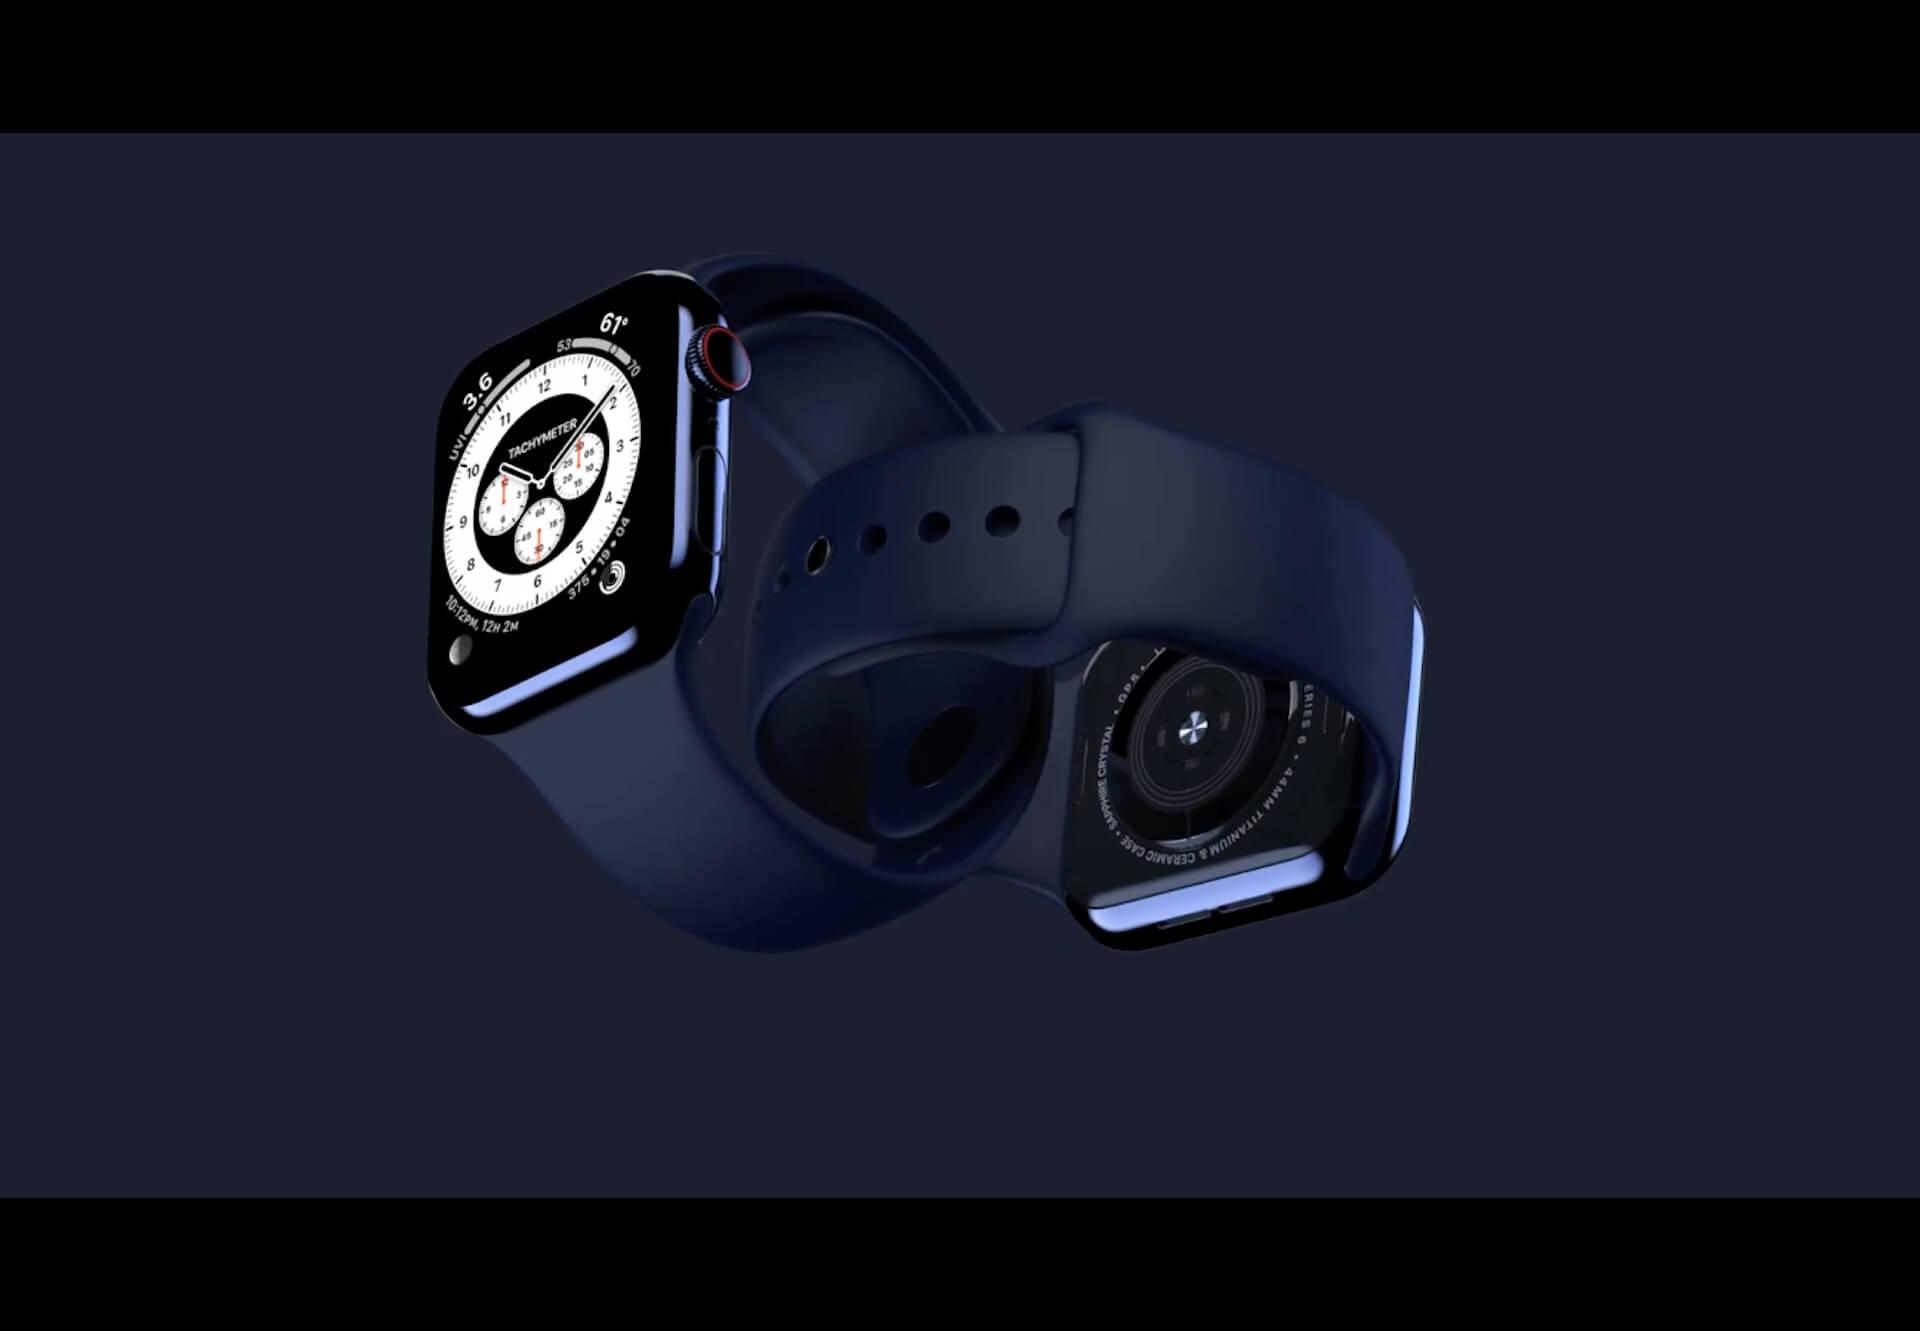 Apple、来週9月16日新製品発表イベント開催へ!新型Apple Watch&iPadの他にも多くの新製品が登場か tech200909_apple_main